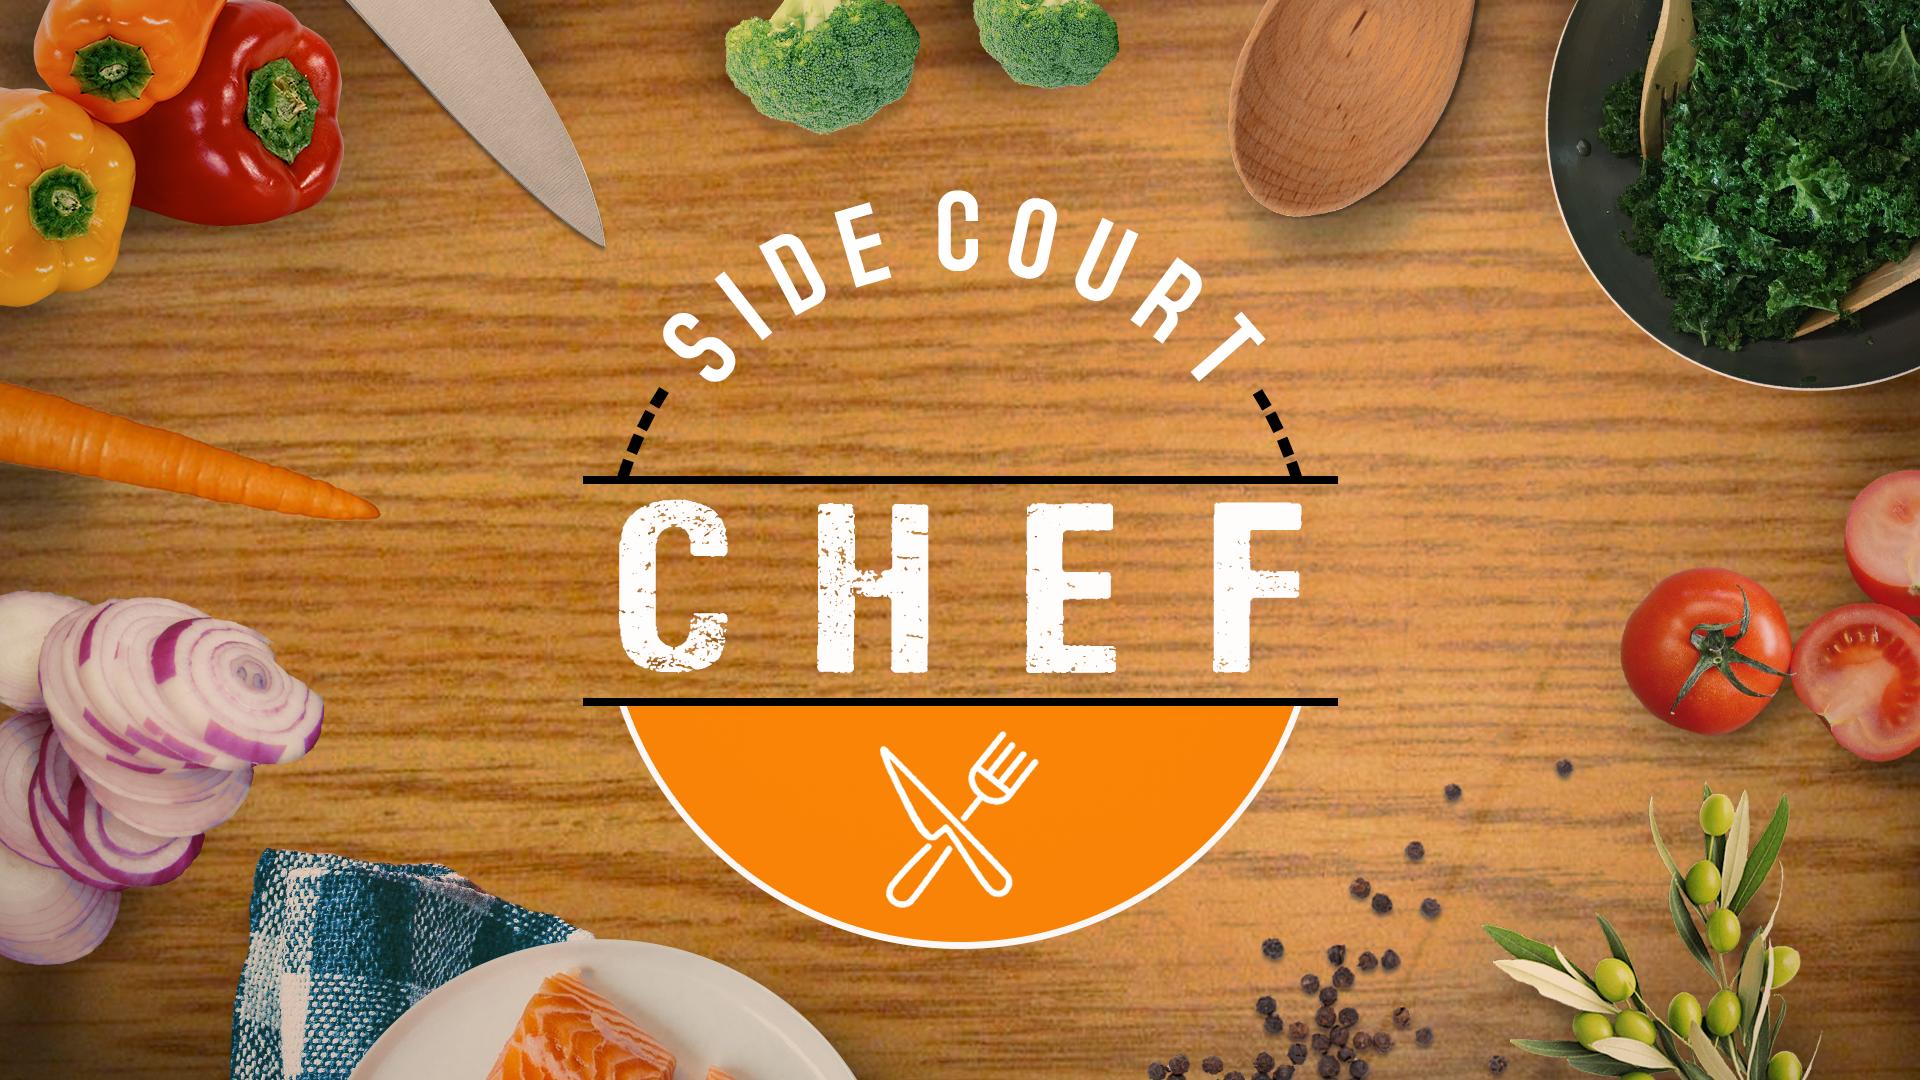 Sidecourt Chef